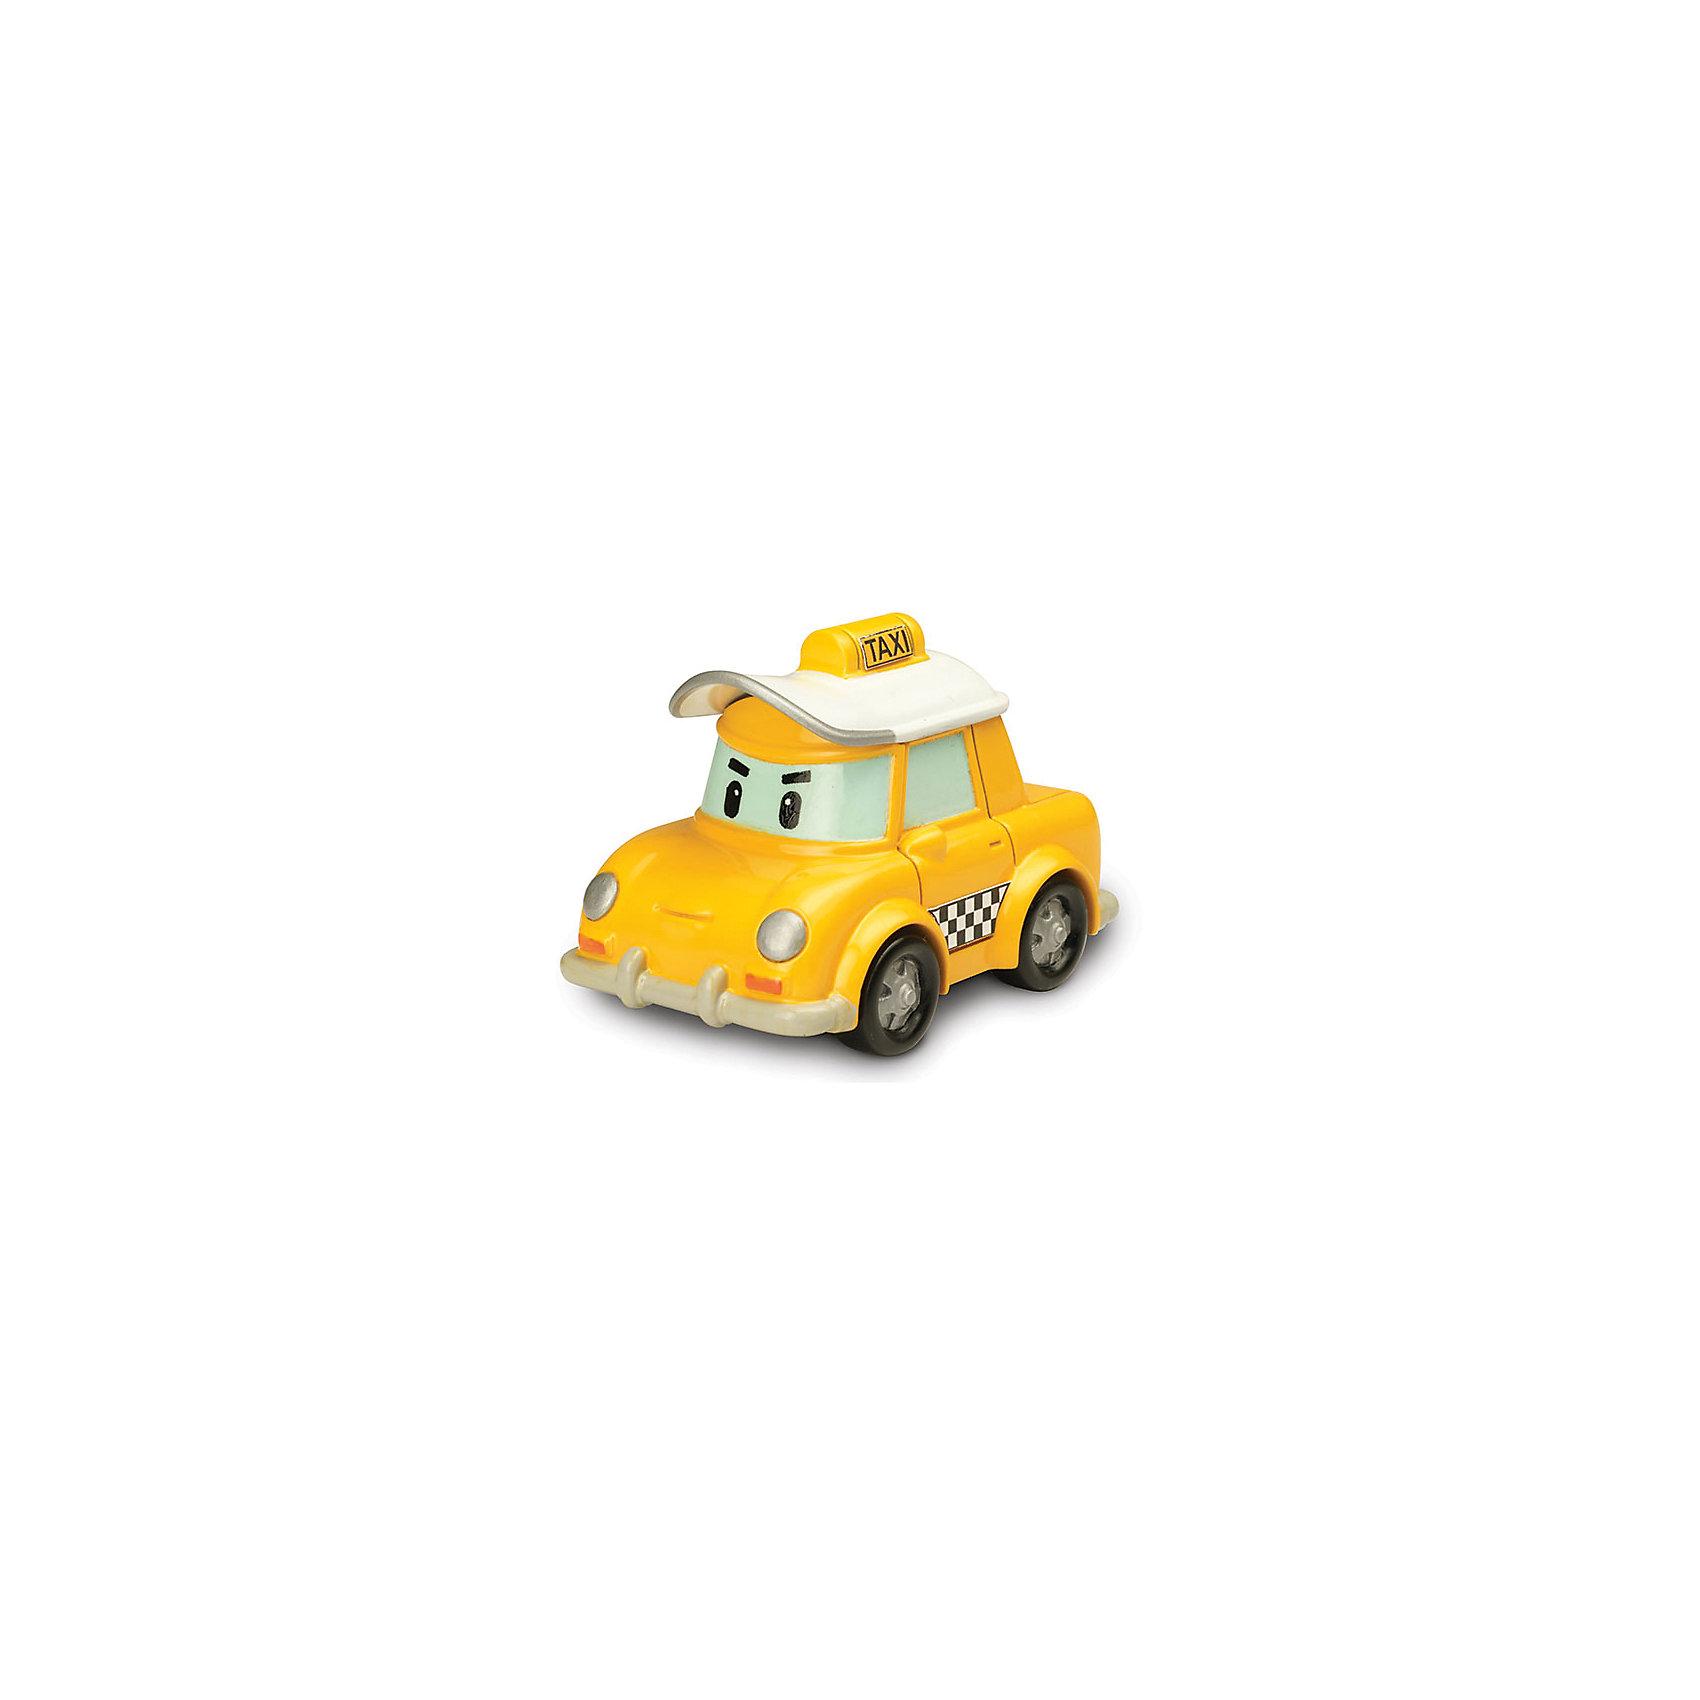 Игрушка Металлическая машинка Кэп, 6 см, Робокар ПолиРобокар Поли (Robocar Poli) -  добрый, интересный мультфильм про жителей удивительного города Брумстауна. В главных ролях команда отважных машинок-спасателей. Каждый малыш мечтает получить фигурки любимых героев в подарок! Желтое такси Кэп - это уже полюбившийся персонаж мультфильма. Он носит задорную кепку и все любят его за веселый нрав. Но Кэп понимает, какая важная миссия на него возложена. Он зорко следит за ситуацией на дороге, чтобы привезти пассажиров в целости и сохранности. А если заметил опасность, вызывает команду спасателей! Игрушка отлично сочетается со всеми игровыми наборами Робокар Поли  (Robocar Poli) с трассами. Играть с Кэпом будет еще интереснее, ведь он точь в точь как в мультфильме! Маленькую металлическую машинку легко брать с собой, она очень прочная и при этом безопасная, так как не содержит острых углов. Соберите всю коллекцию из серии Робокар Поли (Robocar Poli) и пускайтесь с любимыми героями в захватывающие приключения!<br><br>Дополнительная информация:<br><br>- Небольшая металлическая машинка;<br>- Стойкая краска;<br>- Очень понравится поклоннику мультсериала Робокар Поли  (Robocar Poli);<br>- Машинка совместима с игровыми наборами;<br>- Прочная конструкция; <br>- Материал: металл;<br>- Размер машинки: 6 х 4 х 3,8 см;<br>- Вес: 136 г<br><br>Игрушку Металлическая машинка Кэп, 6 см, Робокар Поли  (Robocar Poli) можно купить в нашем интернет-магазине.<br><br>Ширина мм: 150<br>Глубина мм: 50<br>Высота мм: 160<br>Вес г: 136<br>Возраст от месяцев: 36<br>Возраст до месяцев: 84<br>Пол: Унисекс<br>Возраст: Детский<br>SKU: 4033639